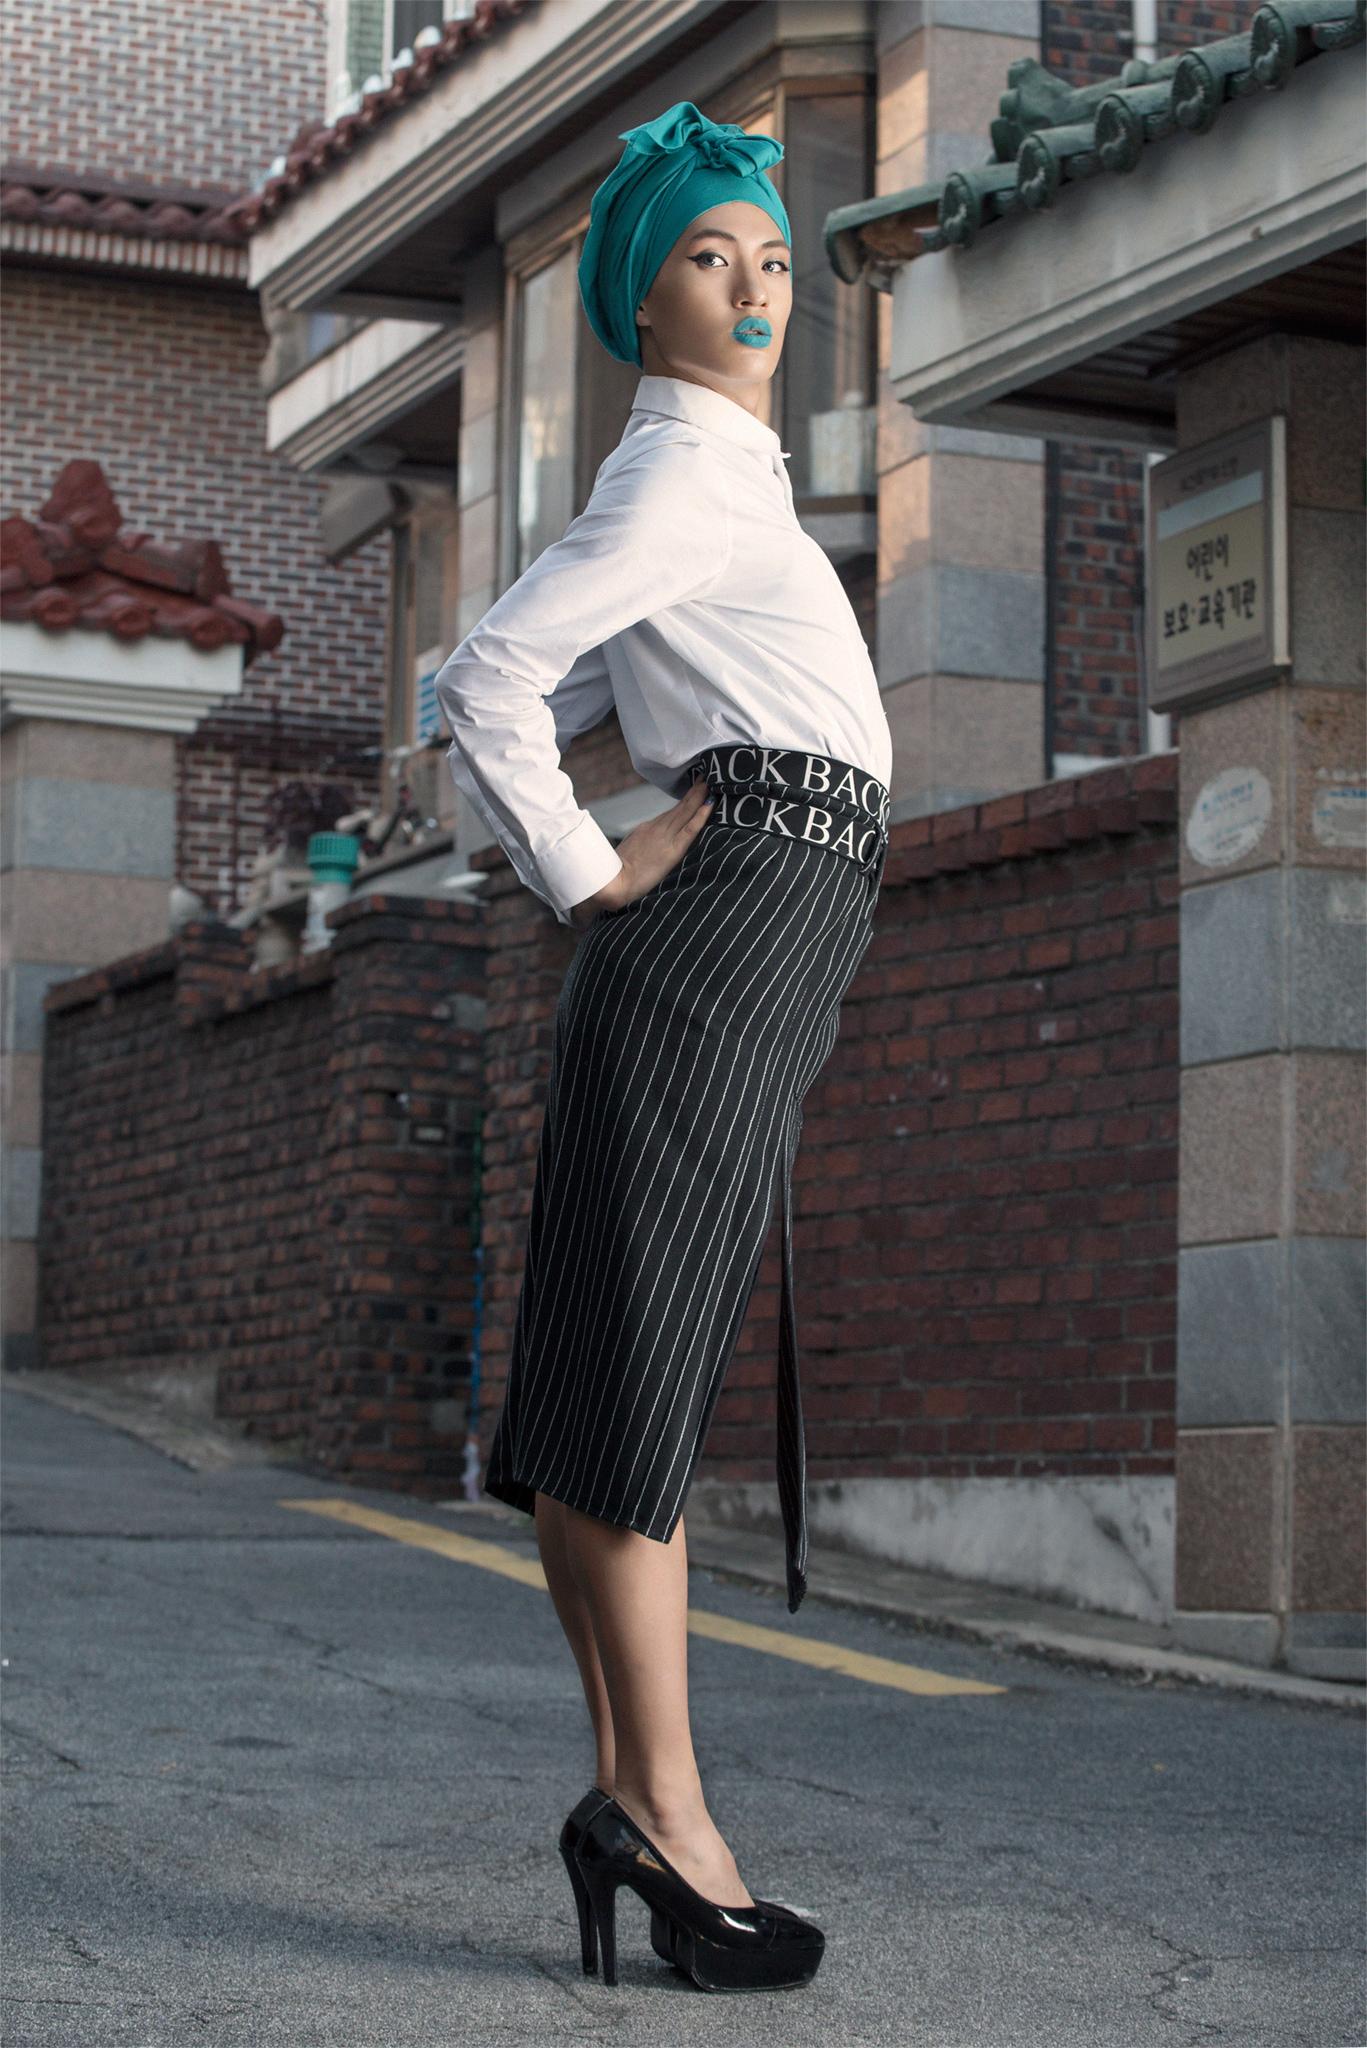 greenville-commercial-fashion-photographer-jorge-gonzalez-hae-jun1